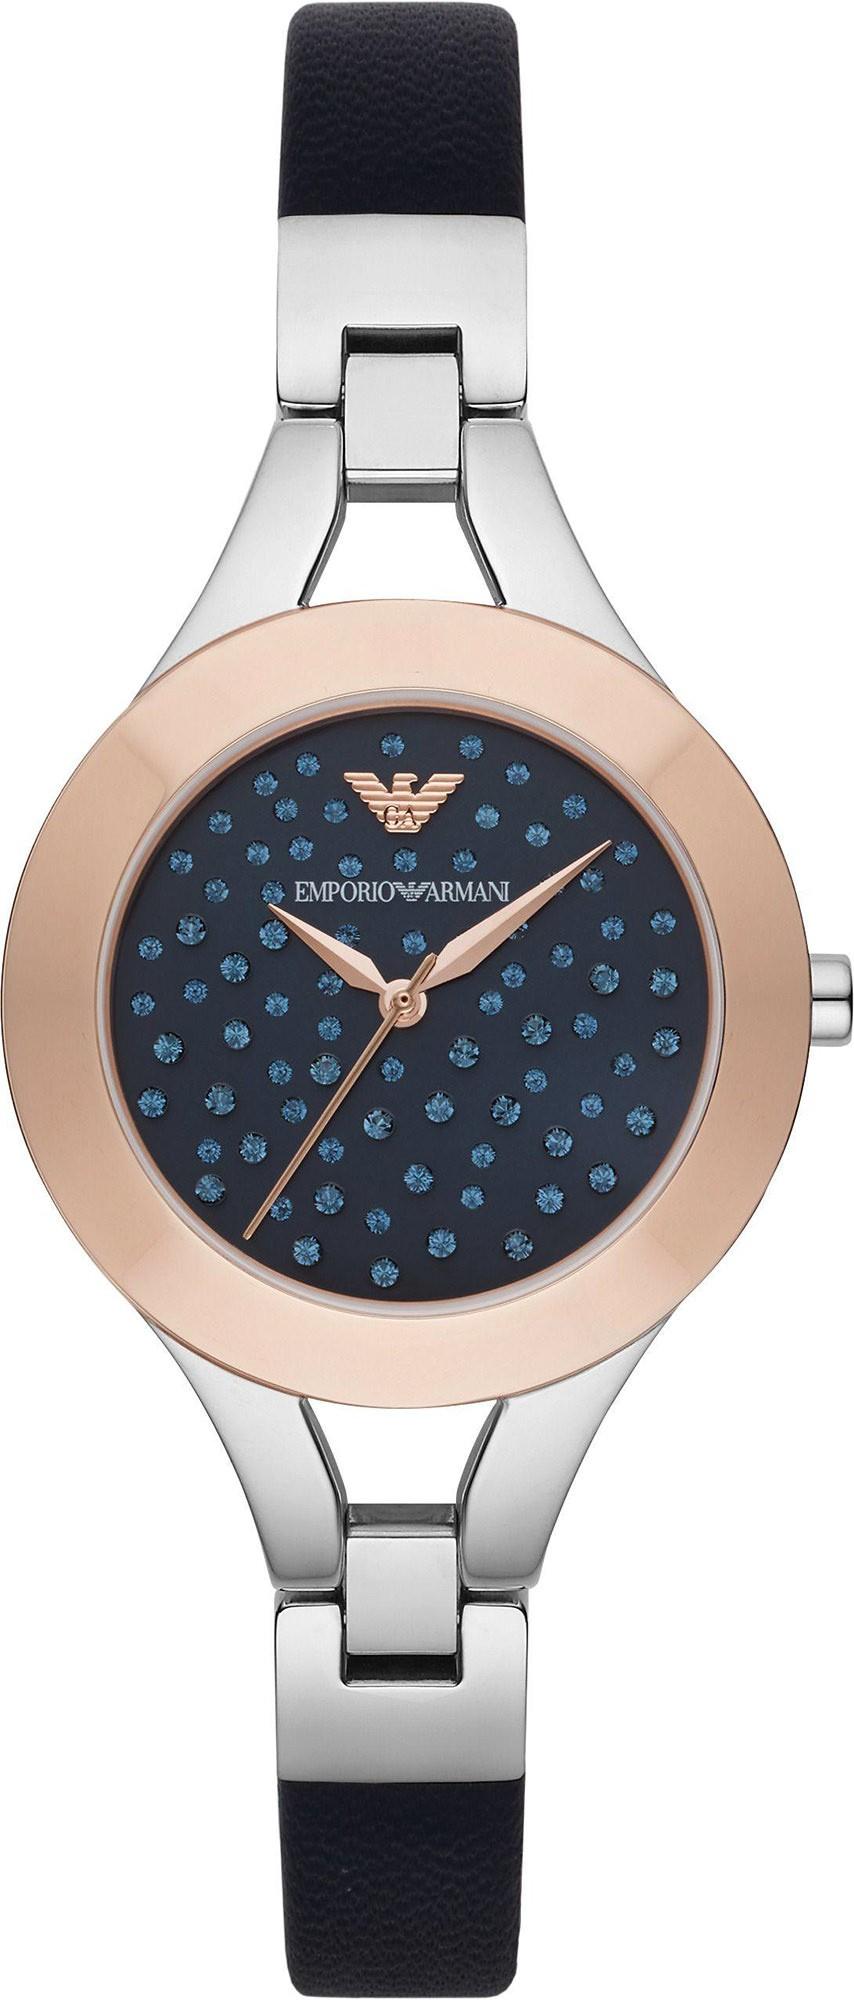 Emporio Armani Ladies' Watch AR7436